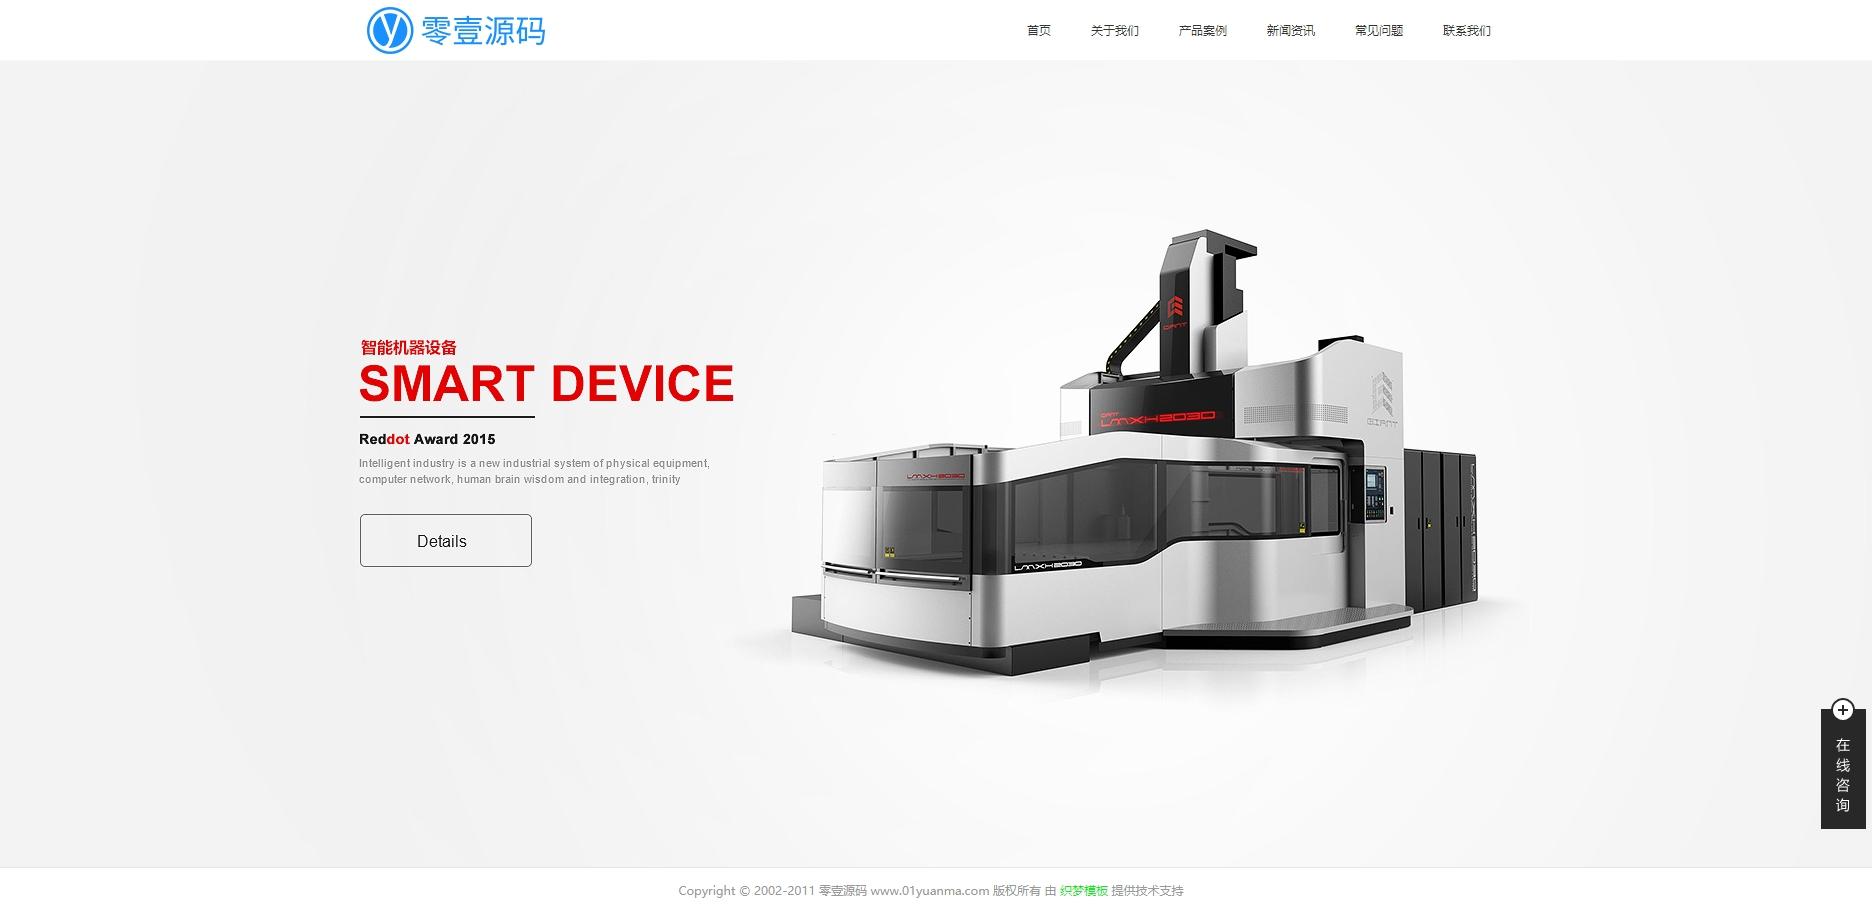 创意高端滚屏产品企业DedeCMS整站模板(带手机端)